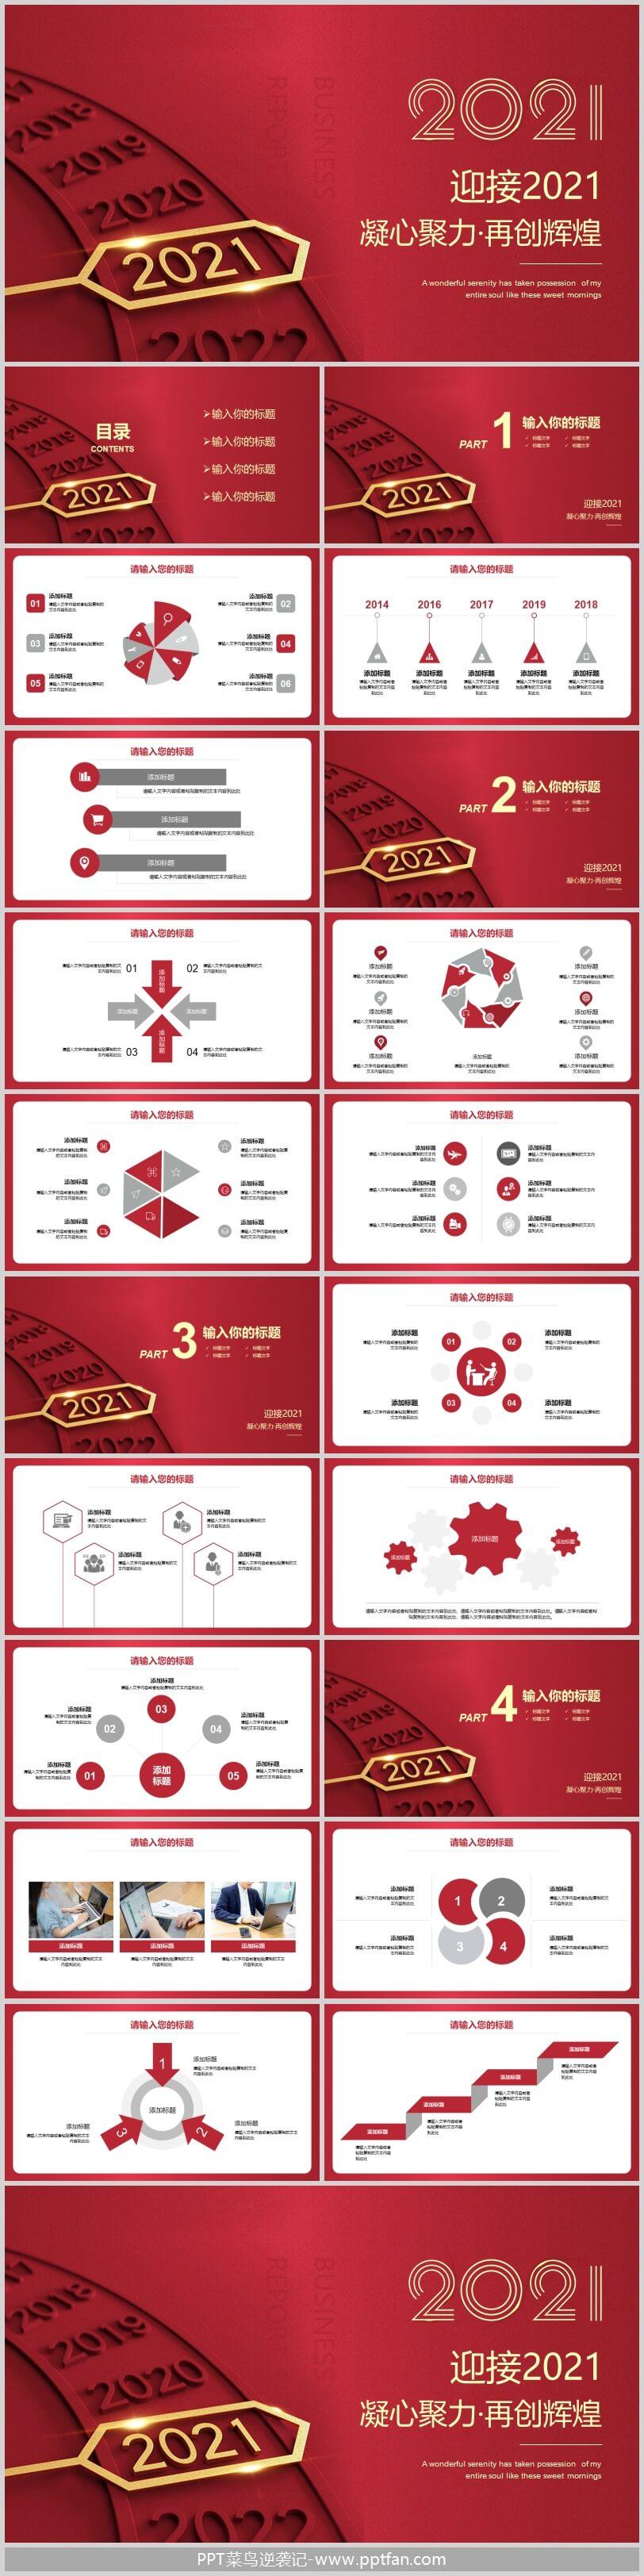 红色创意迎接2021凝心聚力再创辉煌PPT模板年终总结